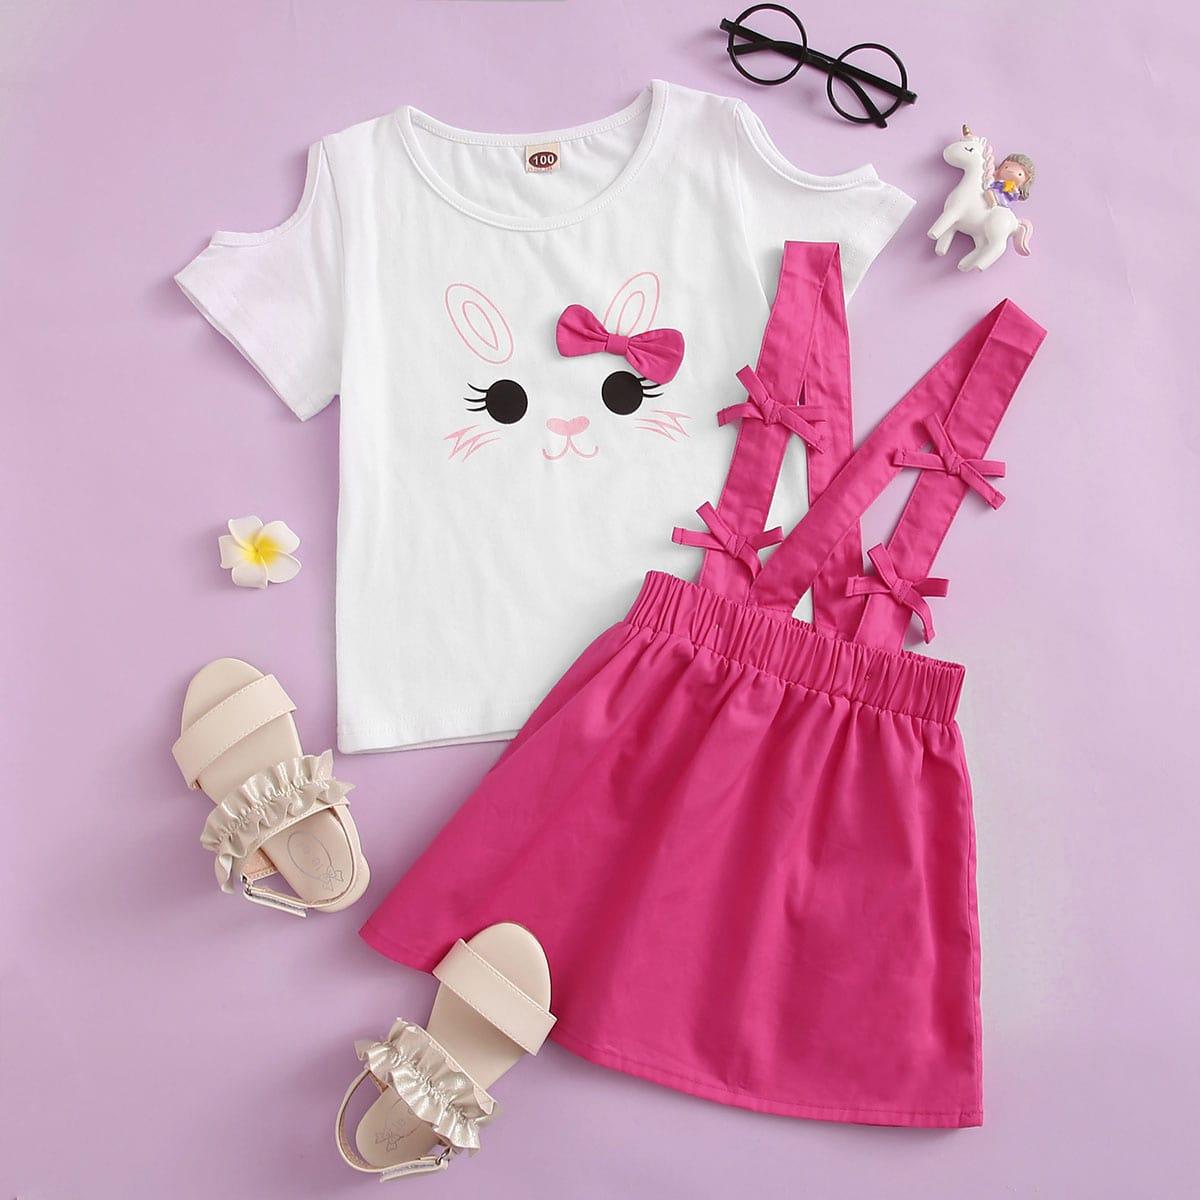 Юбка и футболка с открытыми плечами, мультяшным принтом для девочек фото